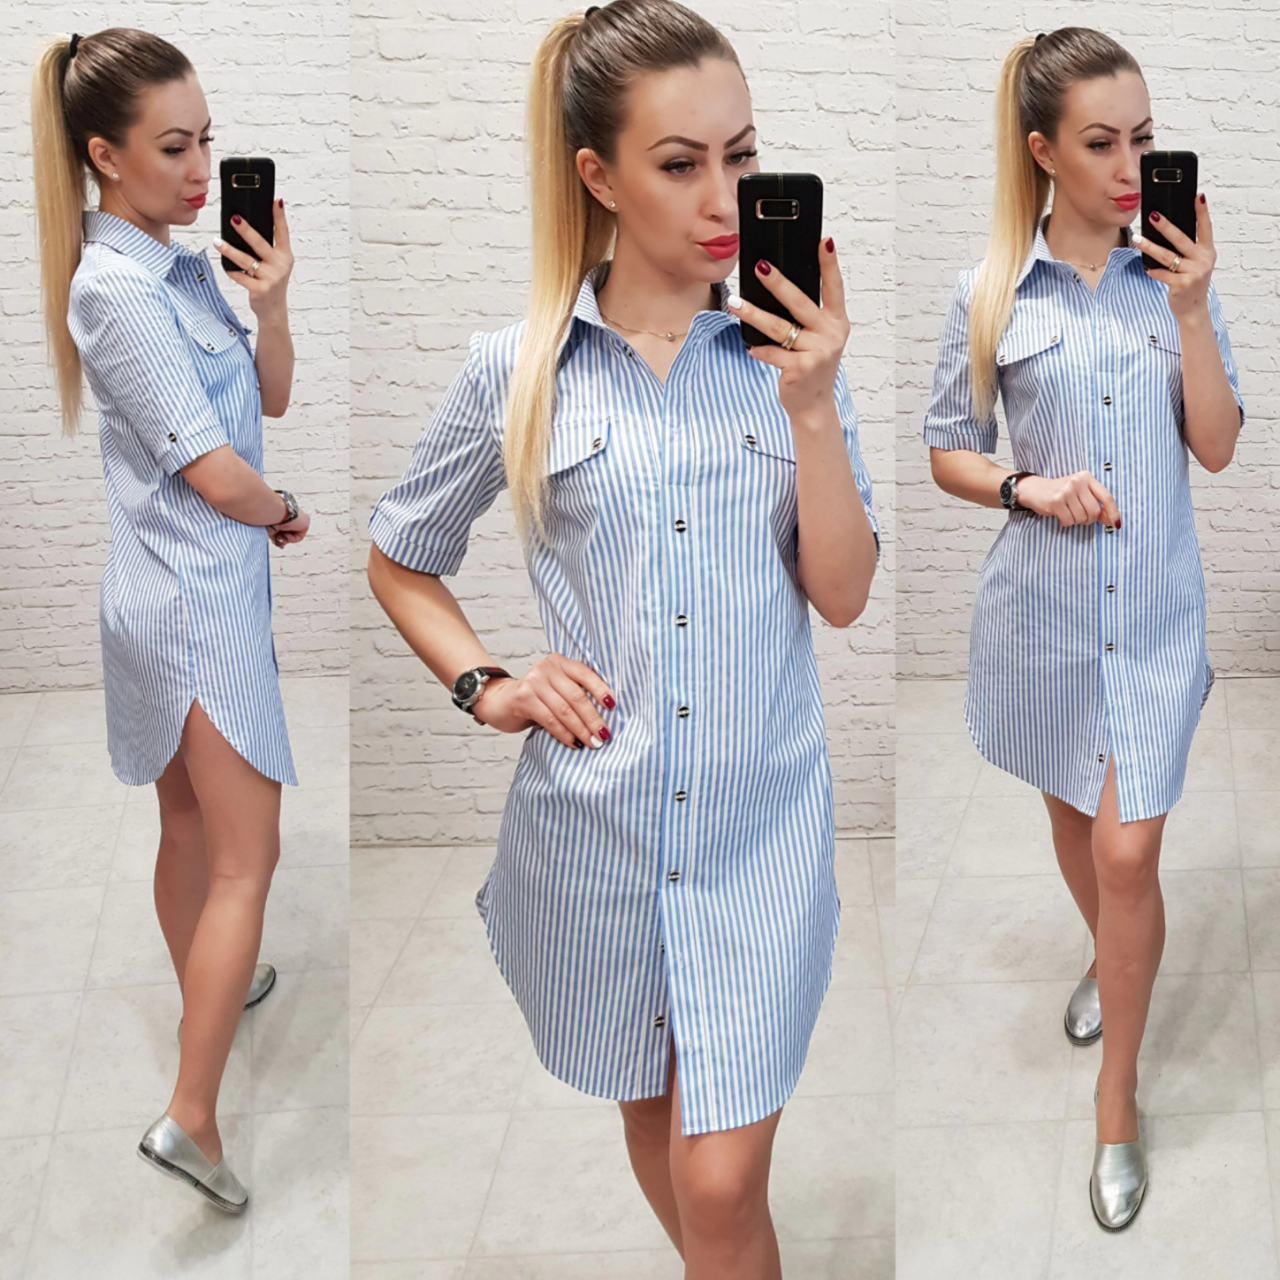 Новинка!!! Стильное платье - рубашка, арт 827, цвет голубая полоска